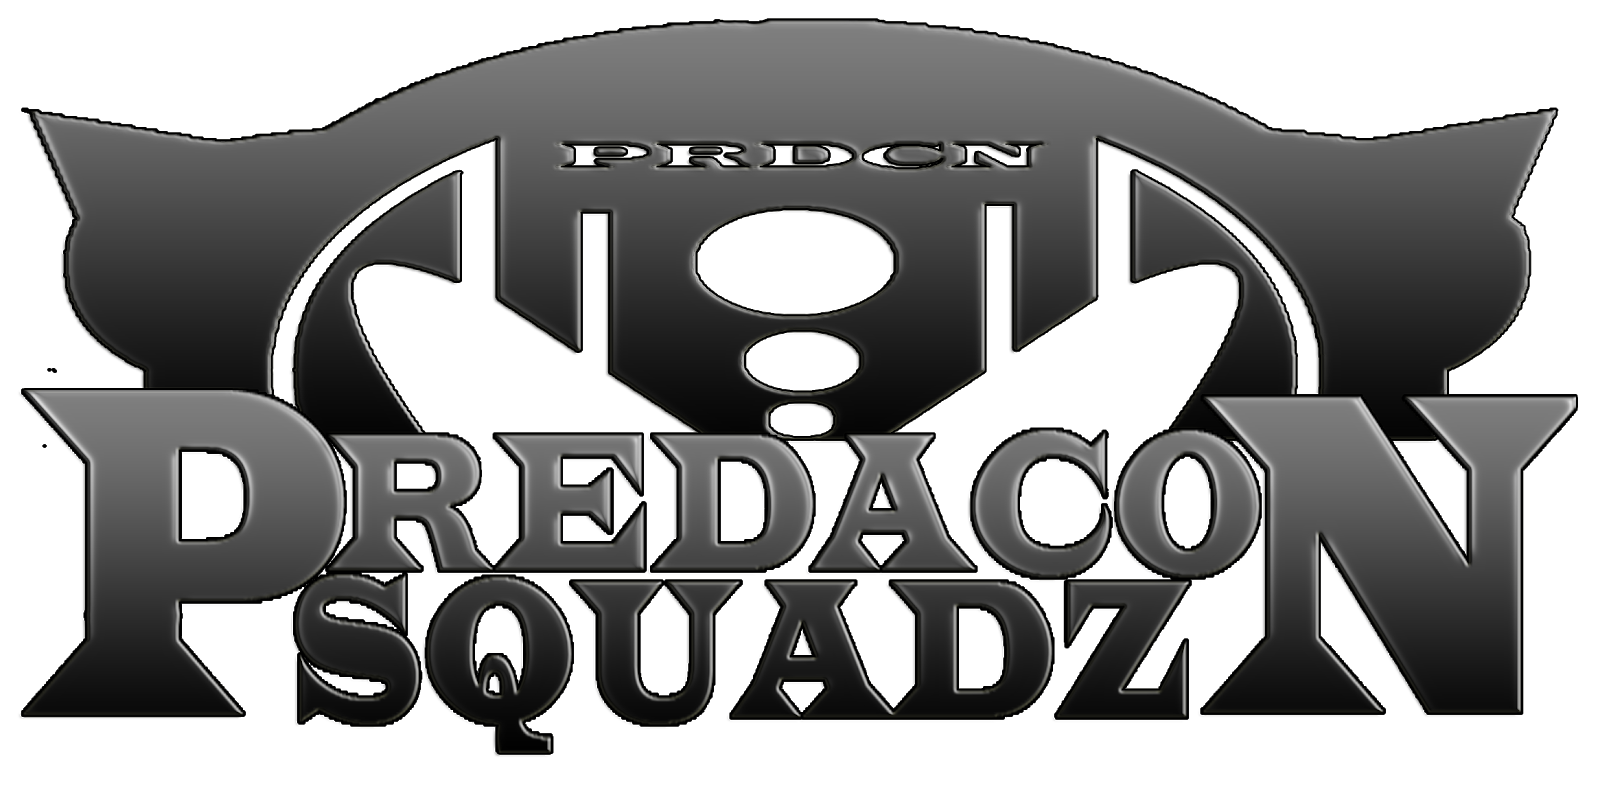 Predacon Squadz